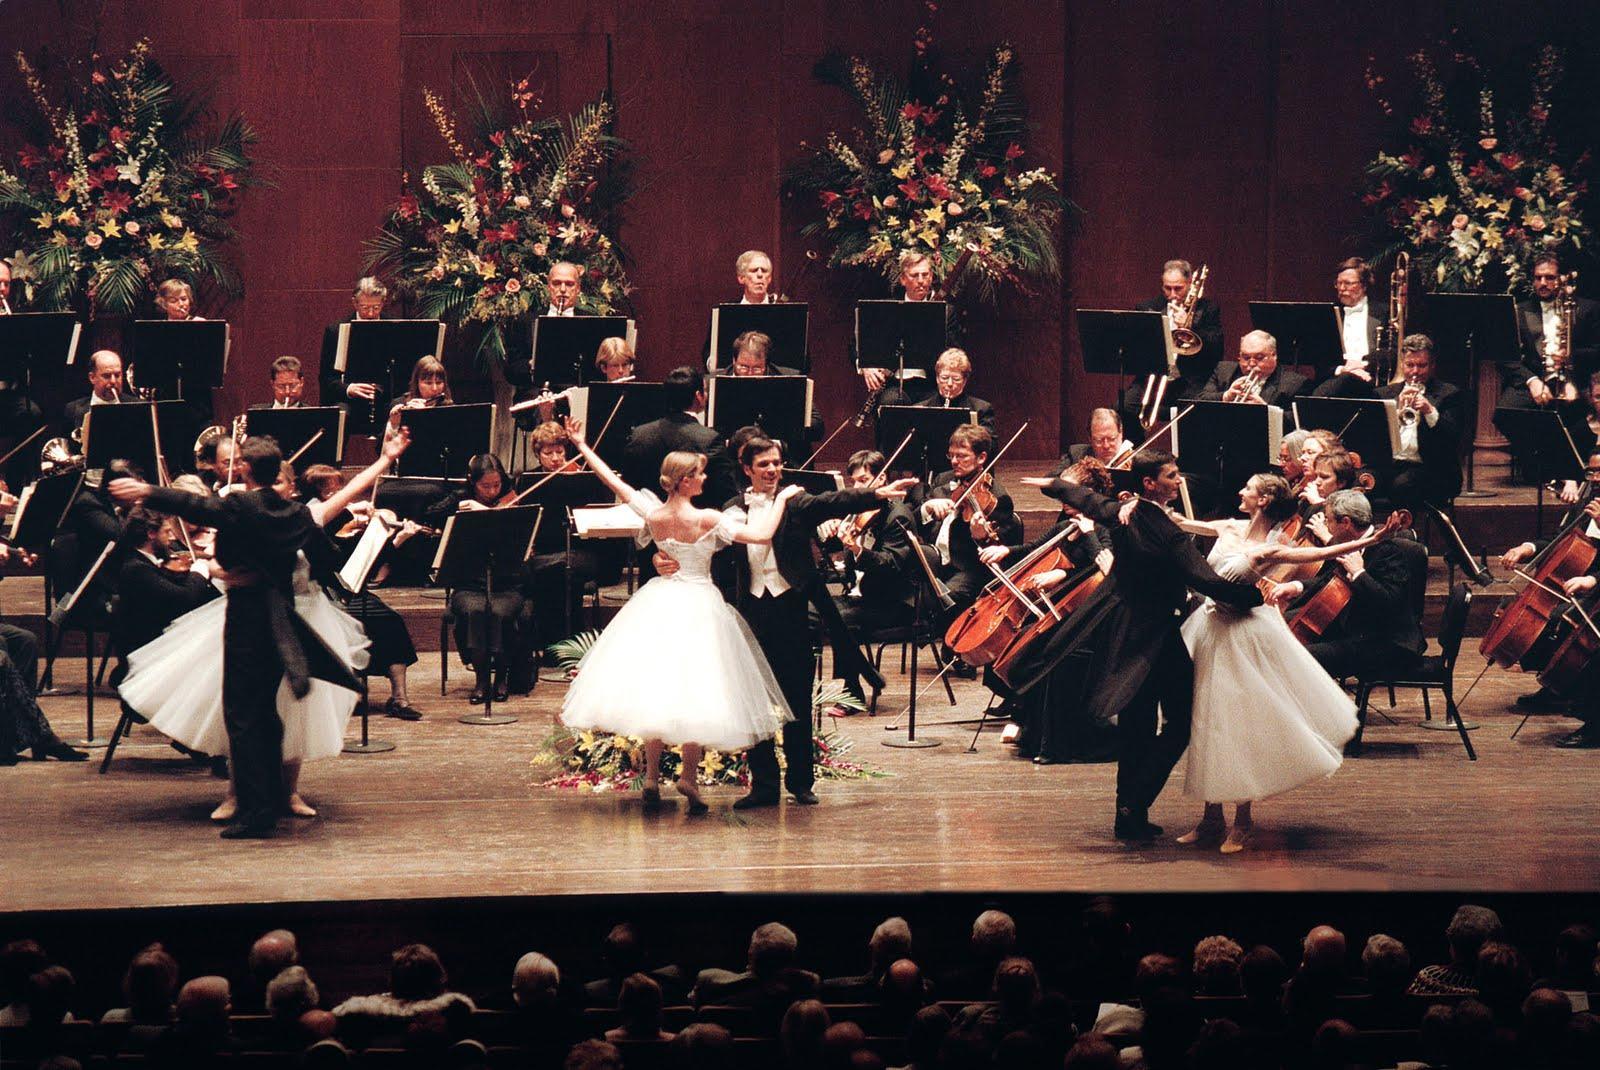 STV_Alternate_orchestra_ballet_image